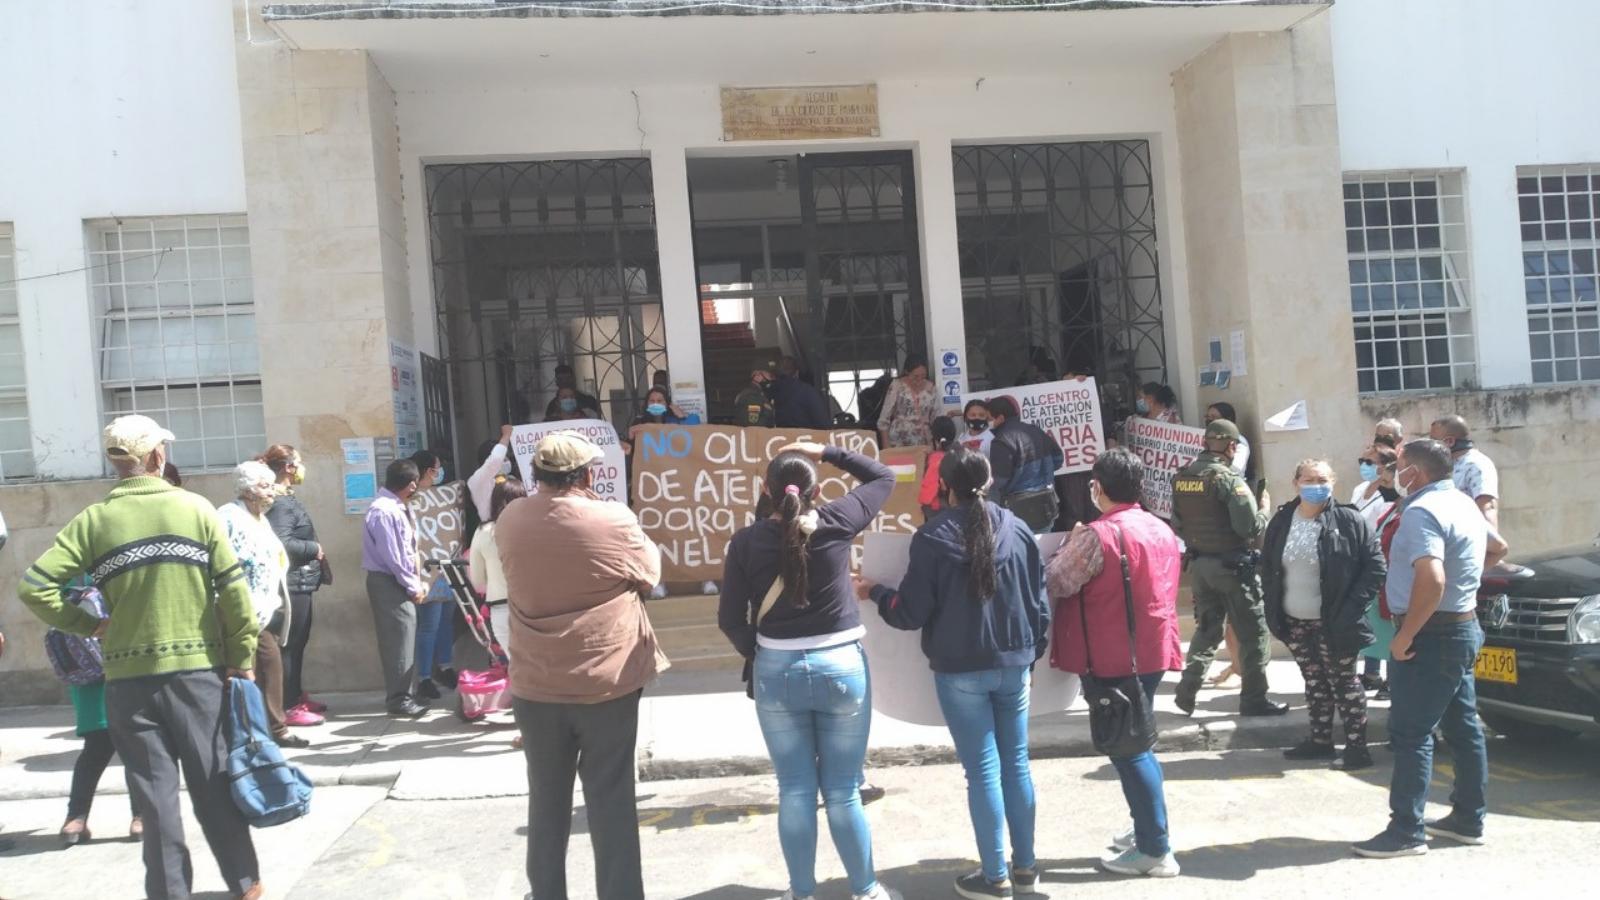 Nuevas manifestaciones contra Centro de Atención para migrantes en Pamplona